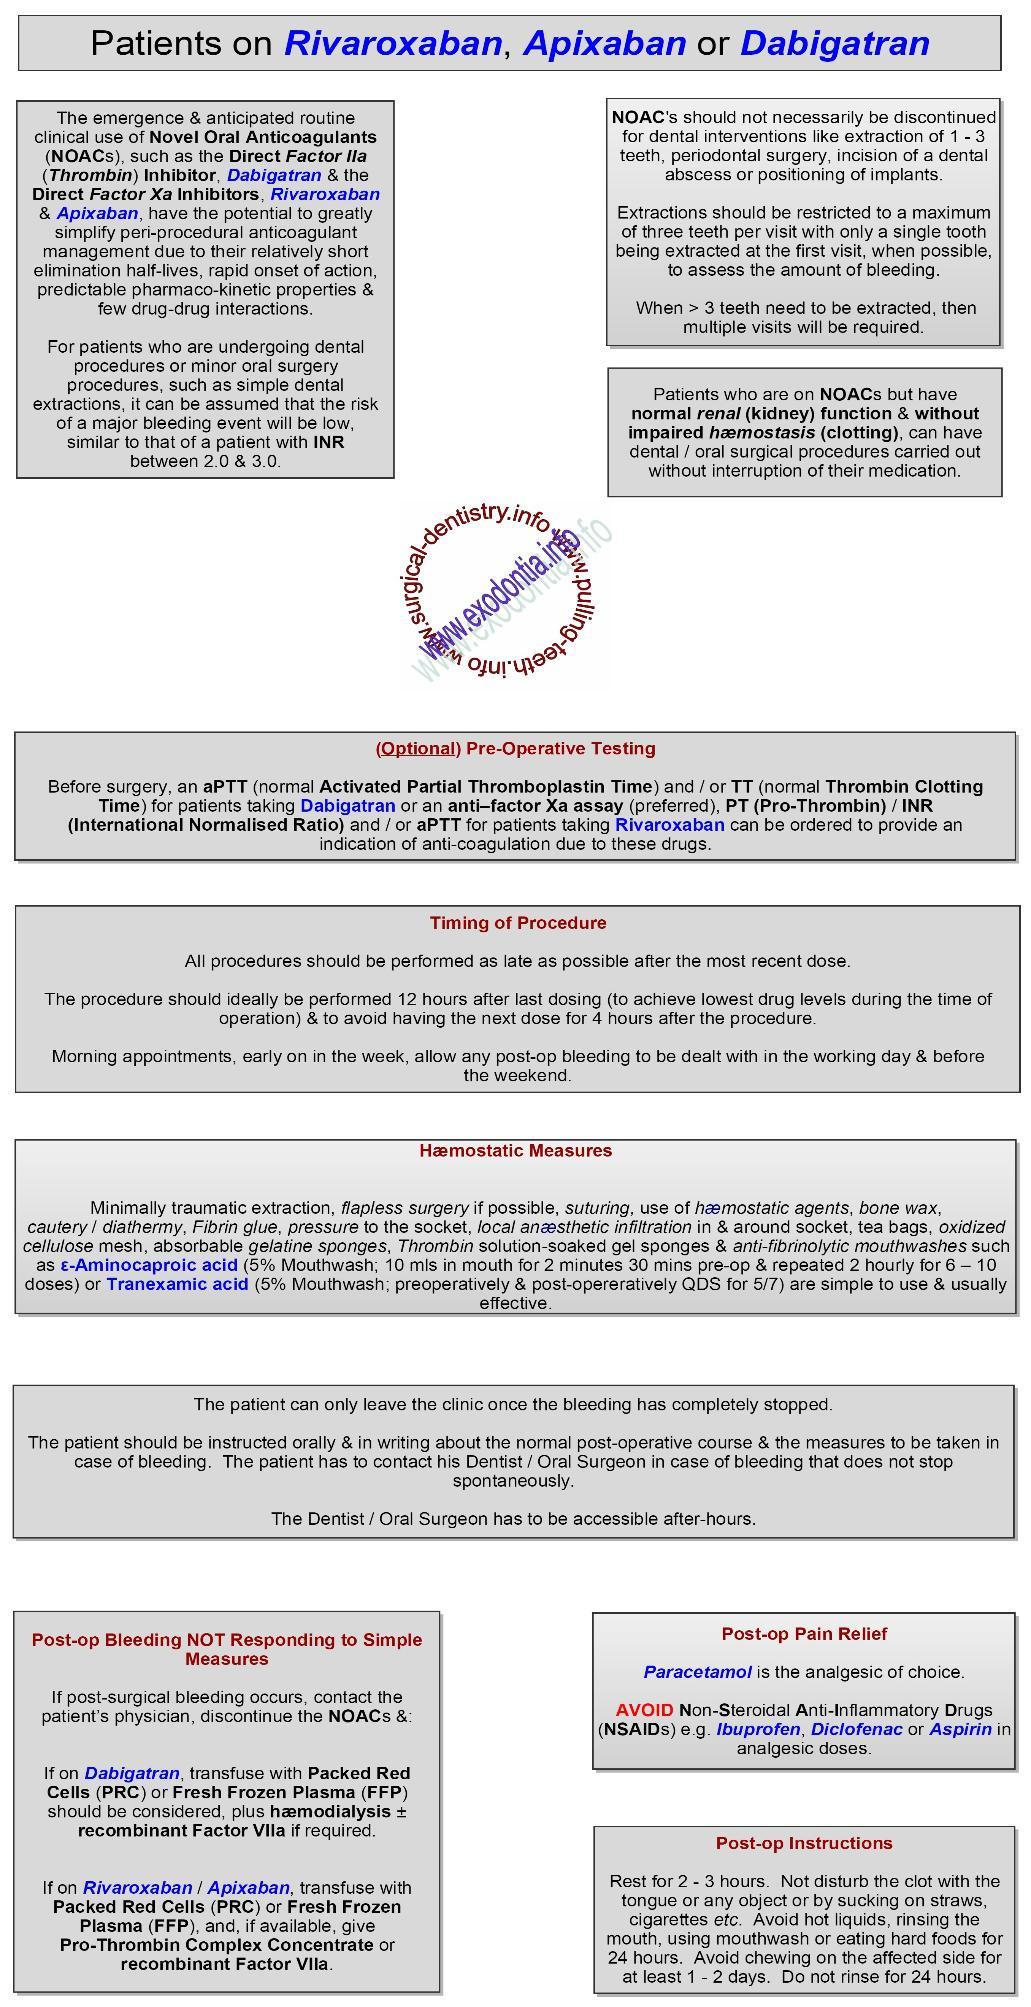 Treatment Algorithm for Patients on NOAC's